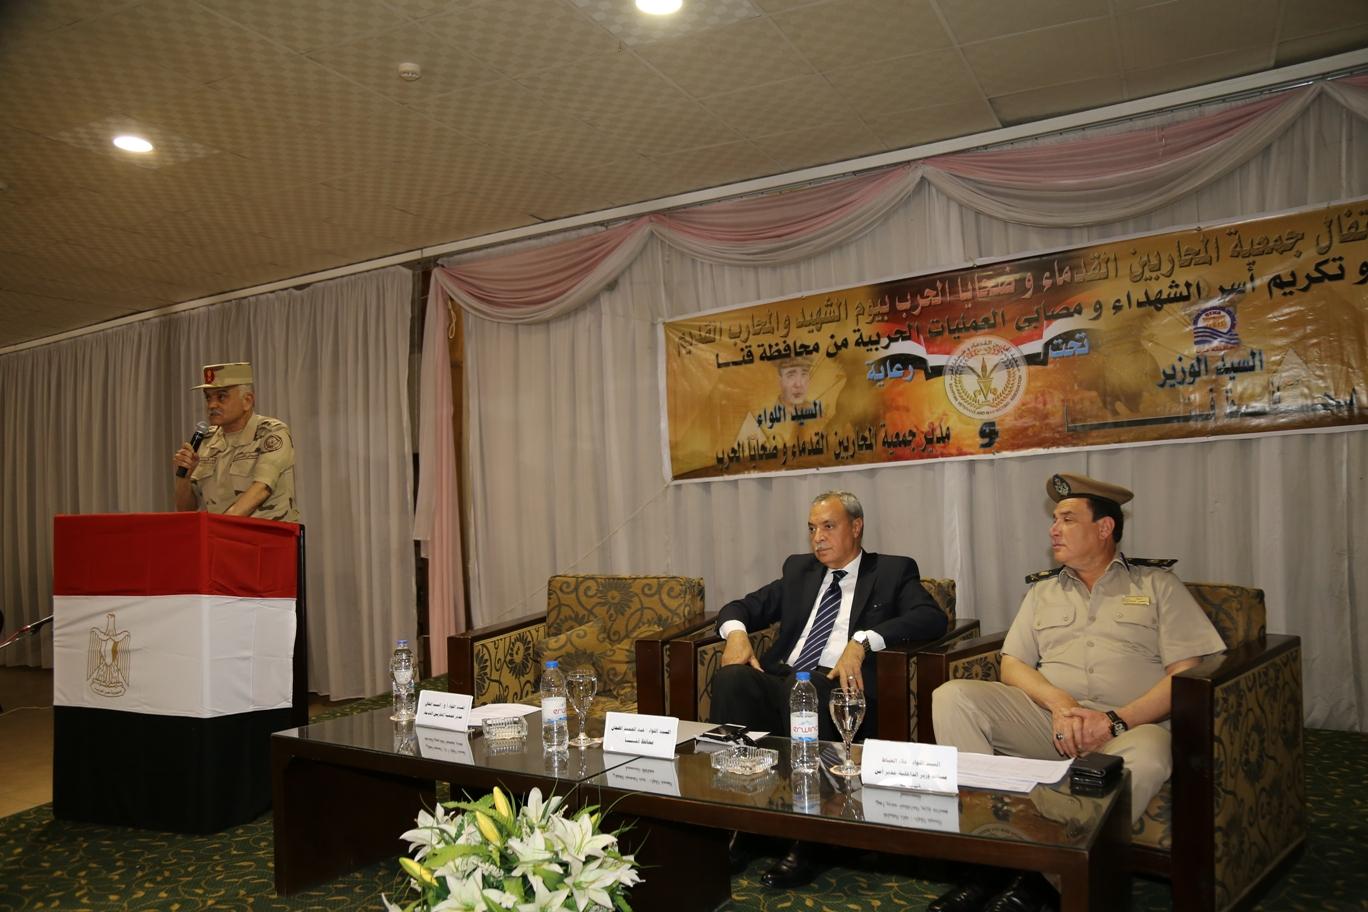 محافظ قنا ومدير جمعية المحاربين خلال حفل التكريم (1)